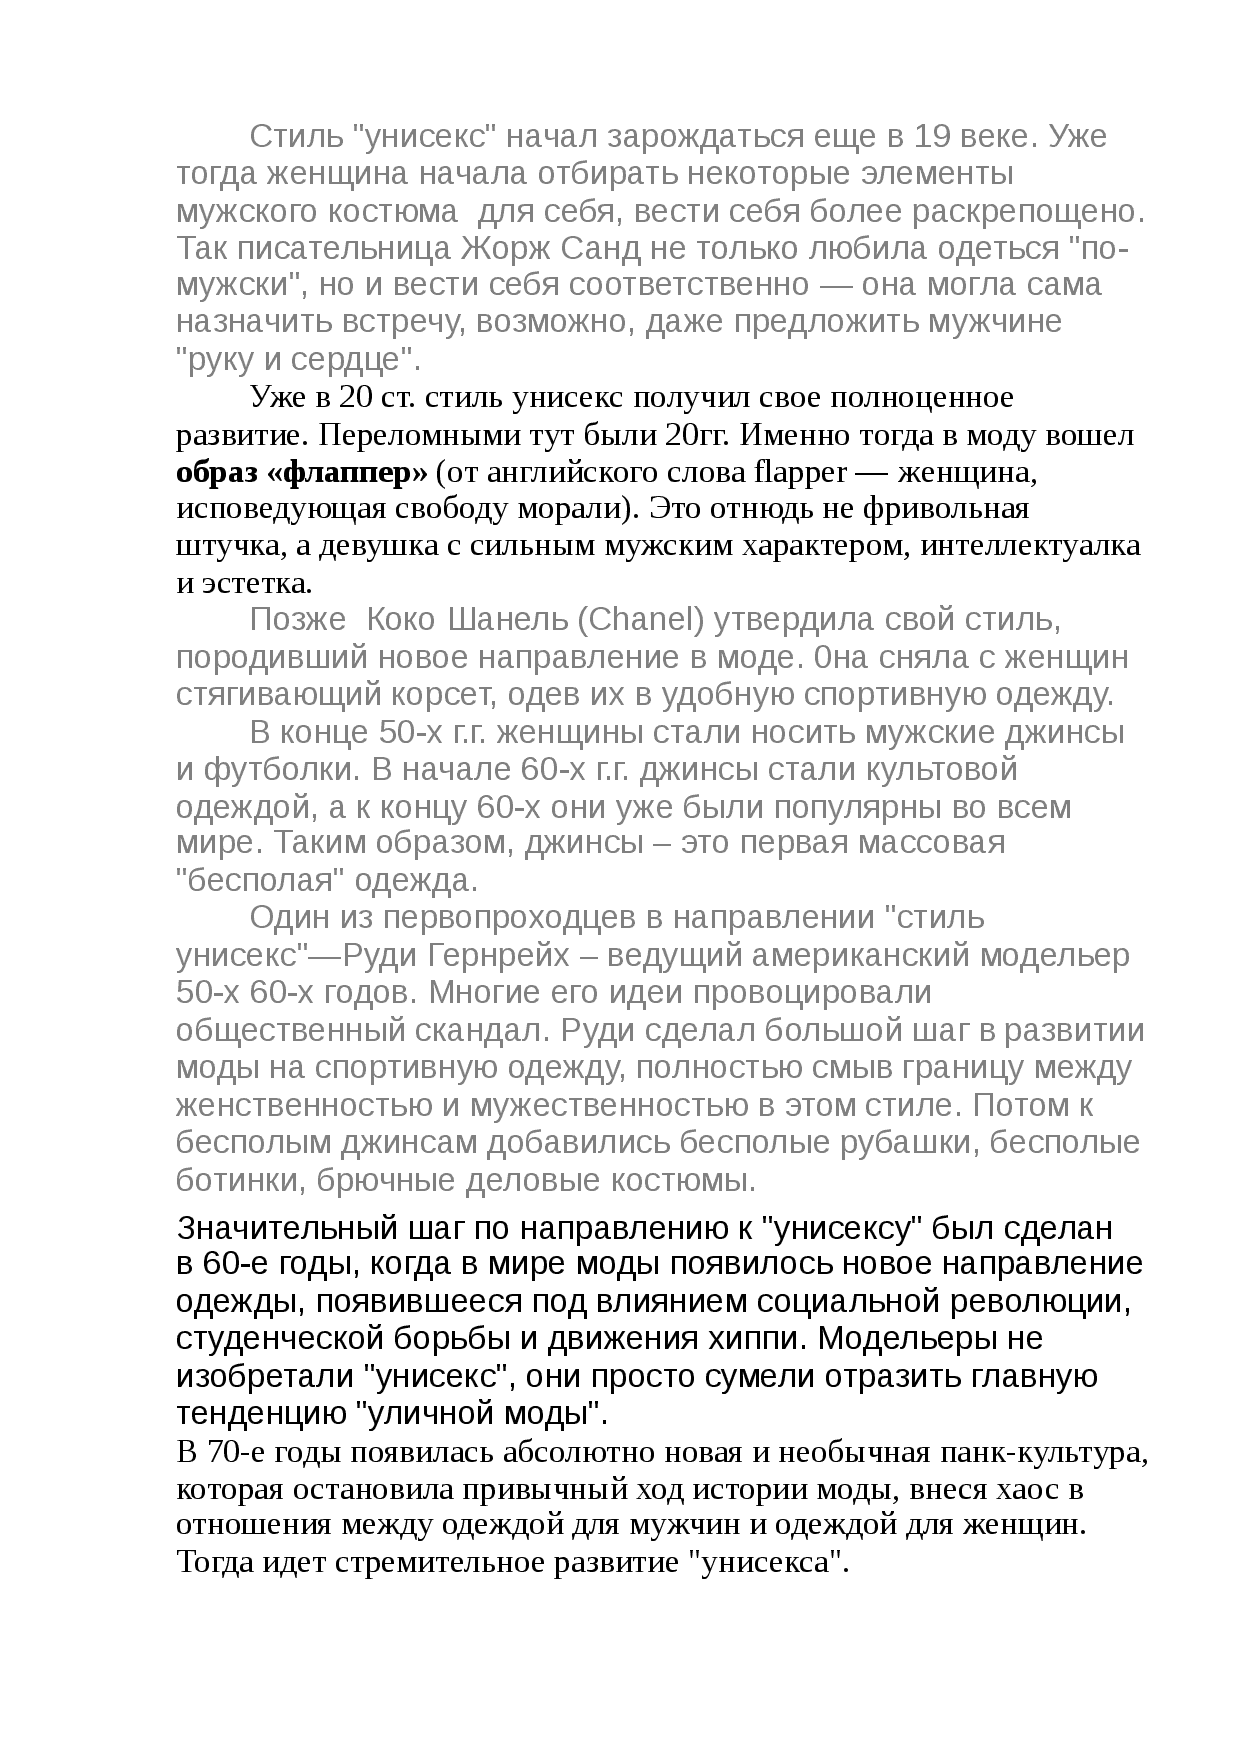 Что такое :: унисекс — ikirov.ru - энциклопедия товаров и услуг в кирове и кировской области